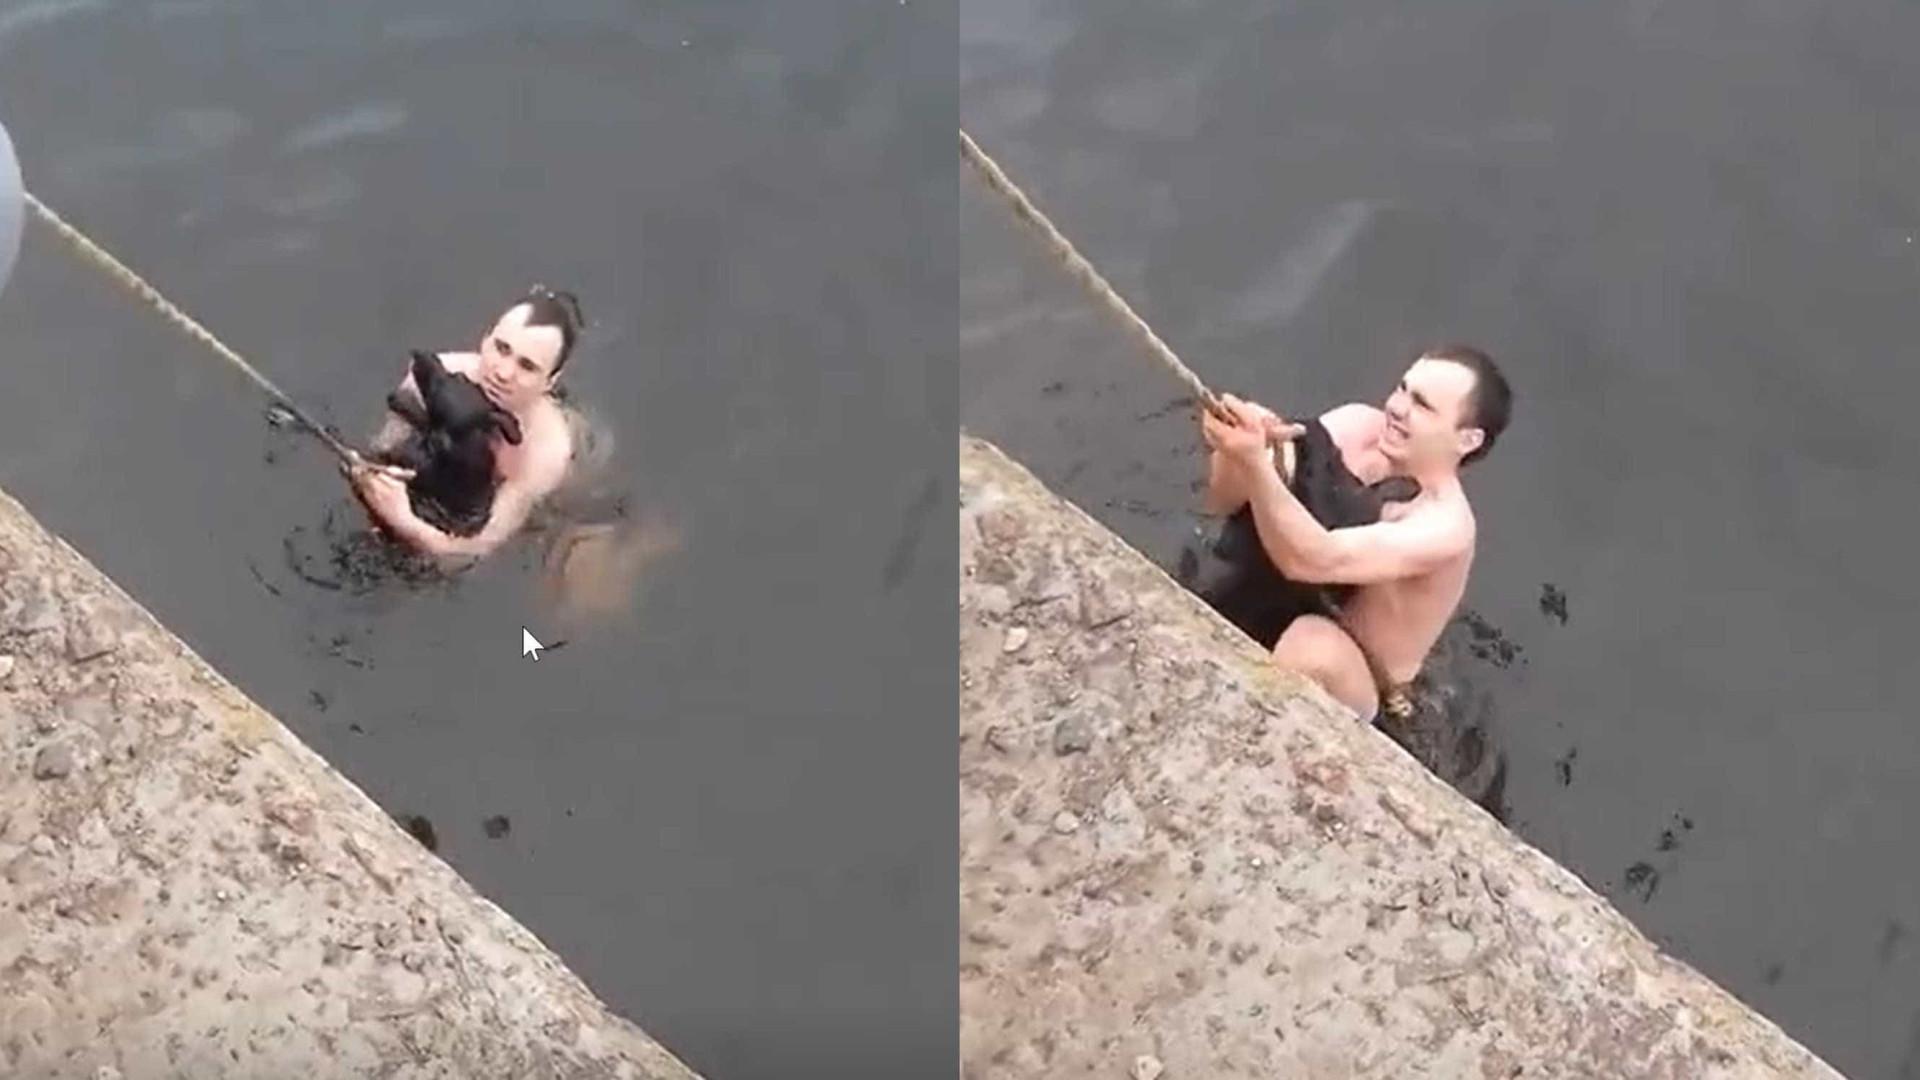 Jovem salva cão de lago gelado